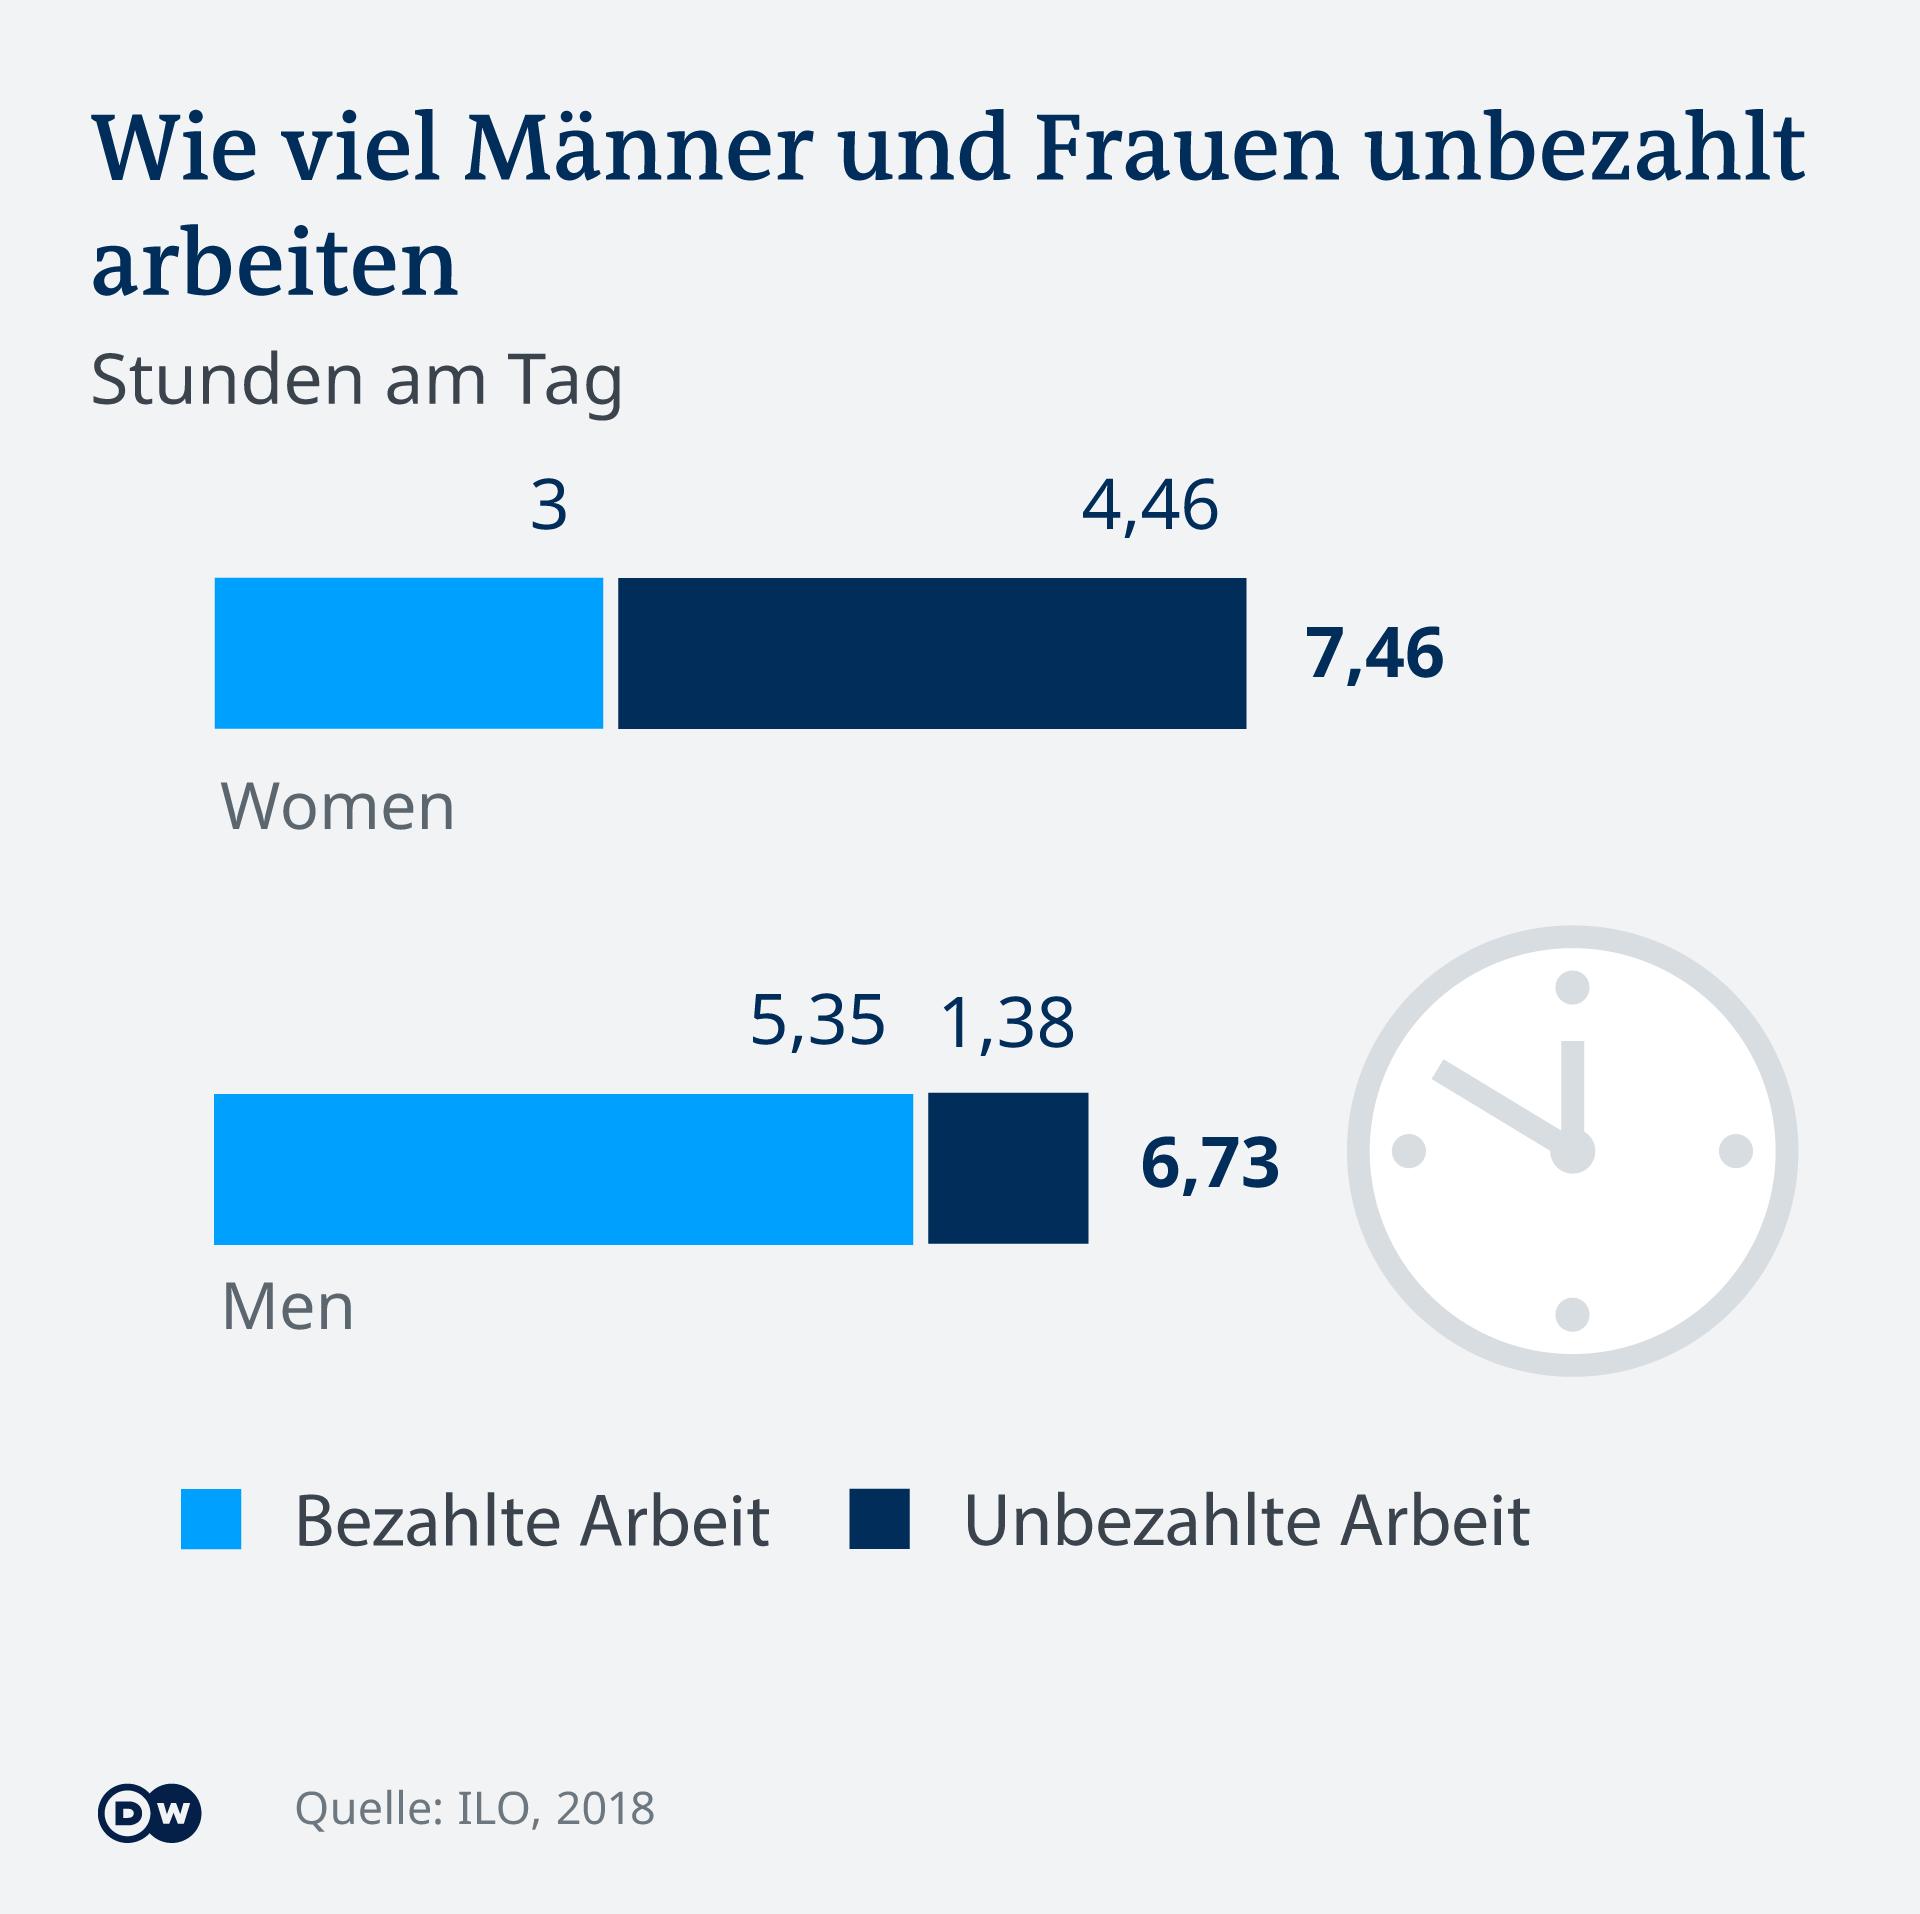 Infografik Arbeitskräfte Mann Frau weltweit Arbeitszeiten DE